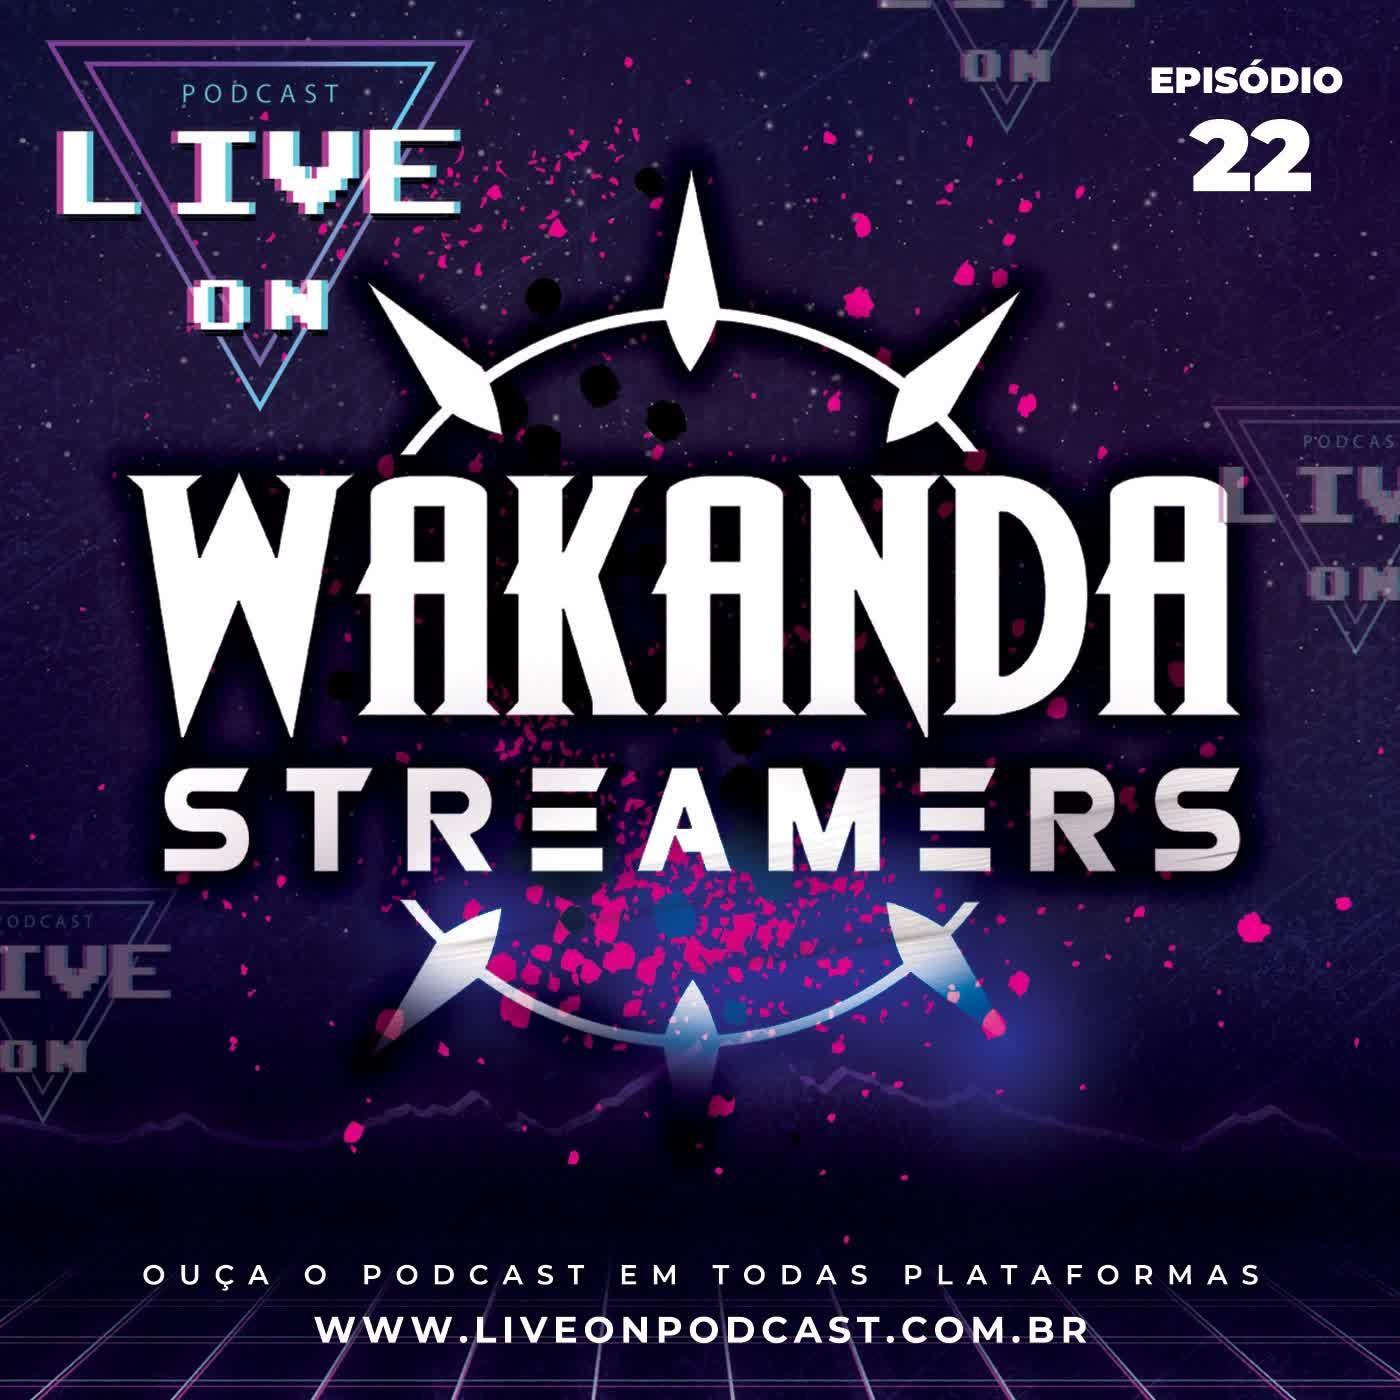 Live On Podcast - Convidado: Wakanda Streamers - Episódio 22